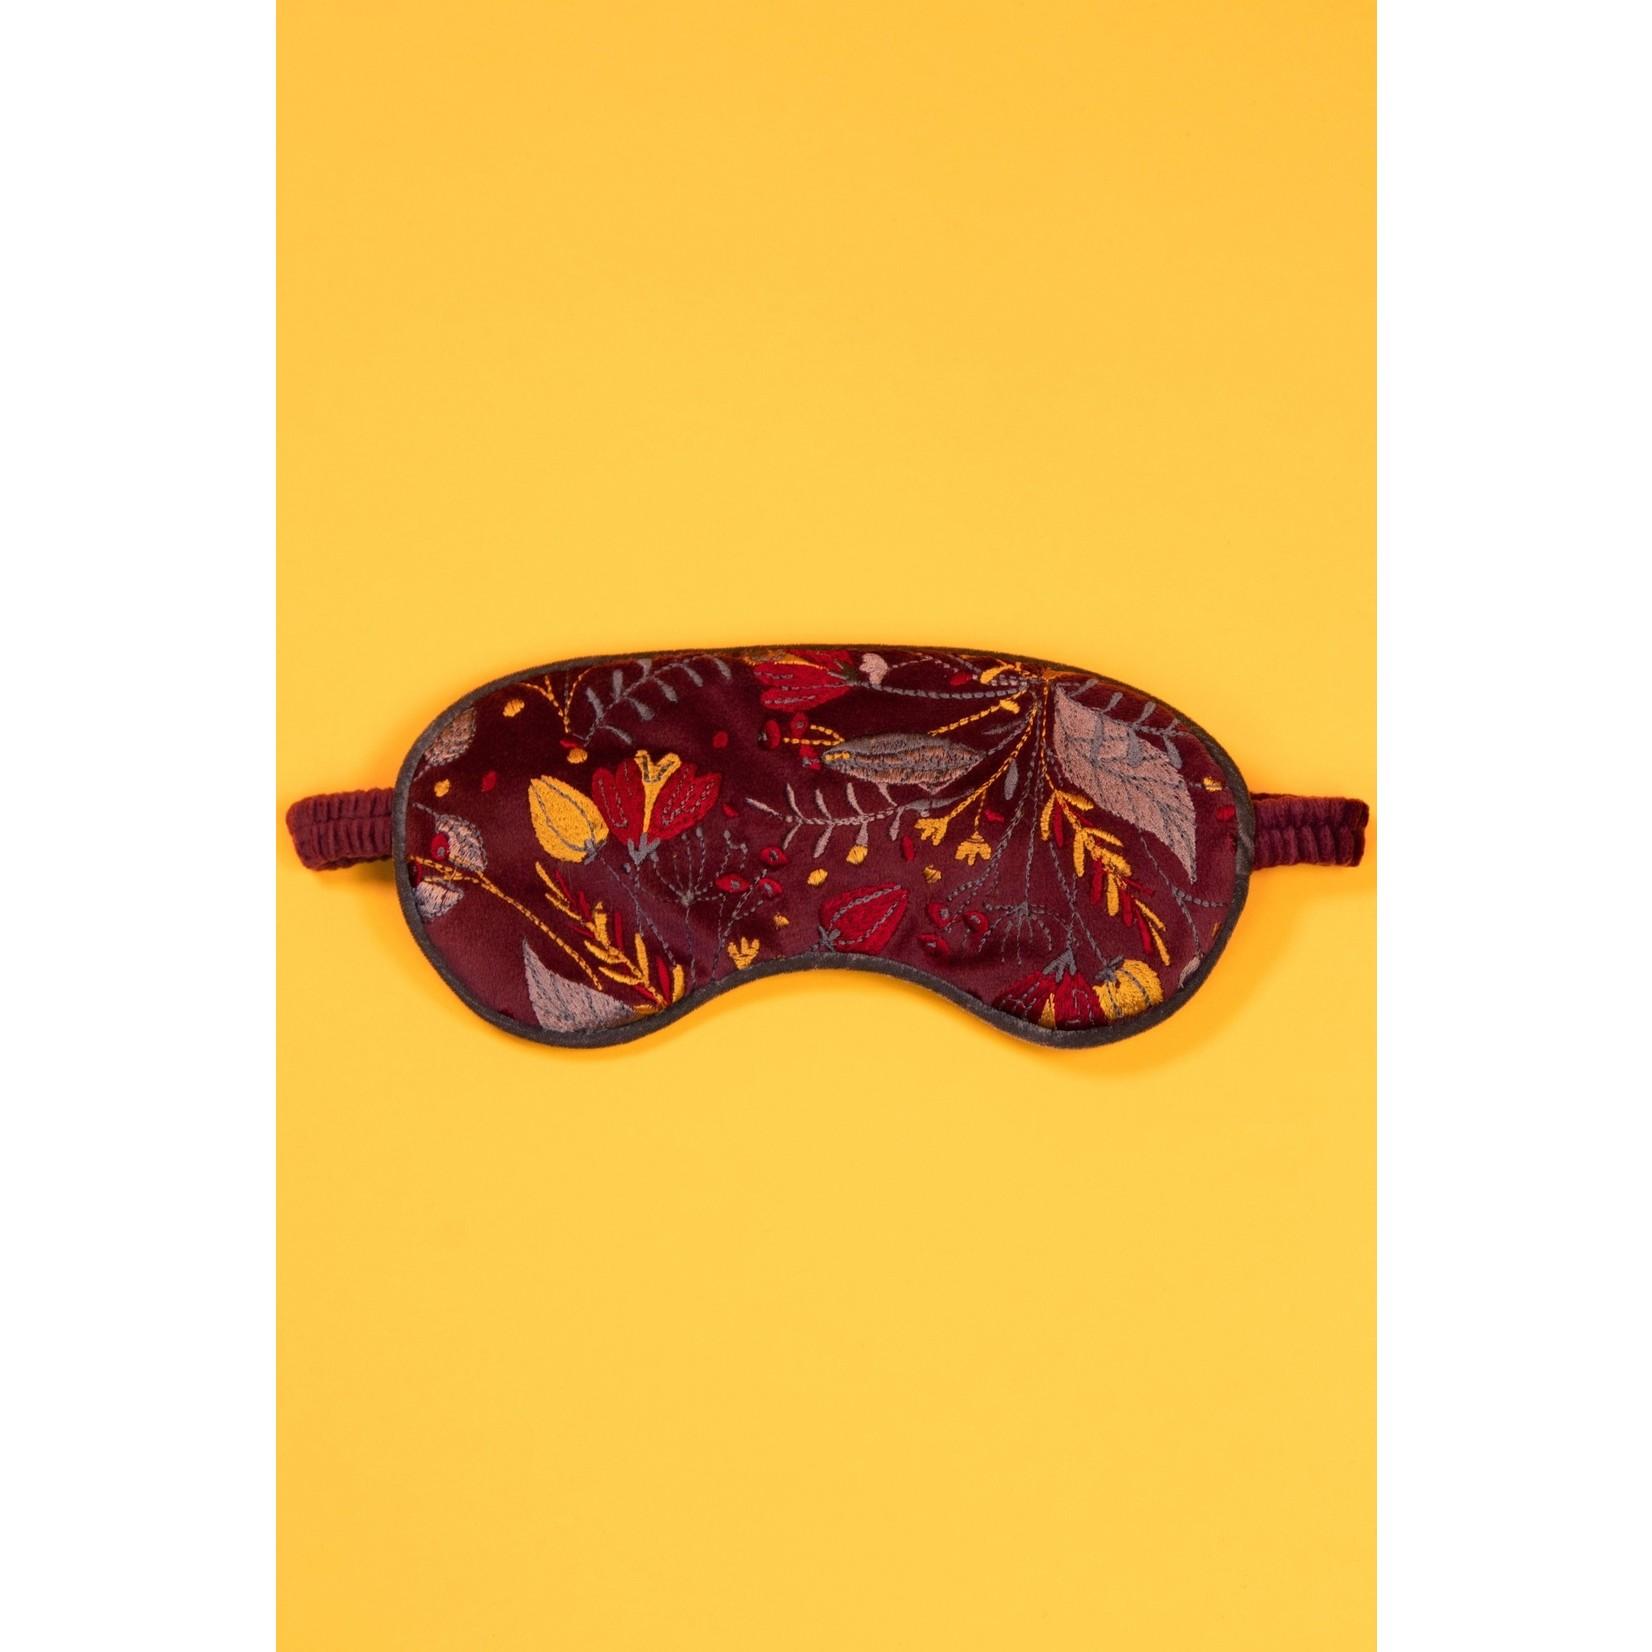 Powder Lavender Velvet Eye Mask in Floral/Damson